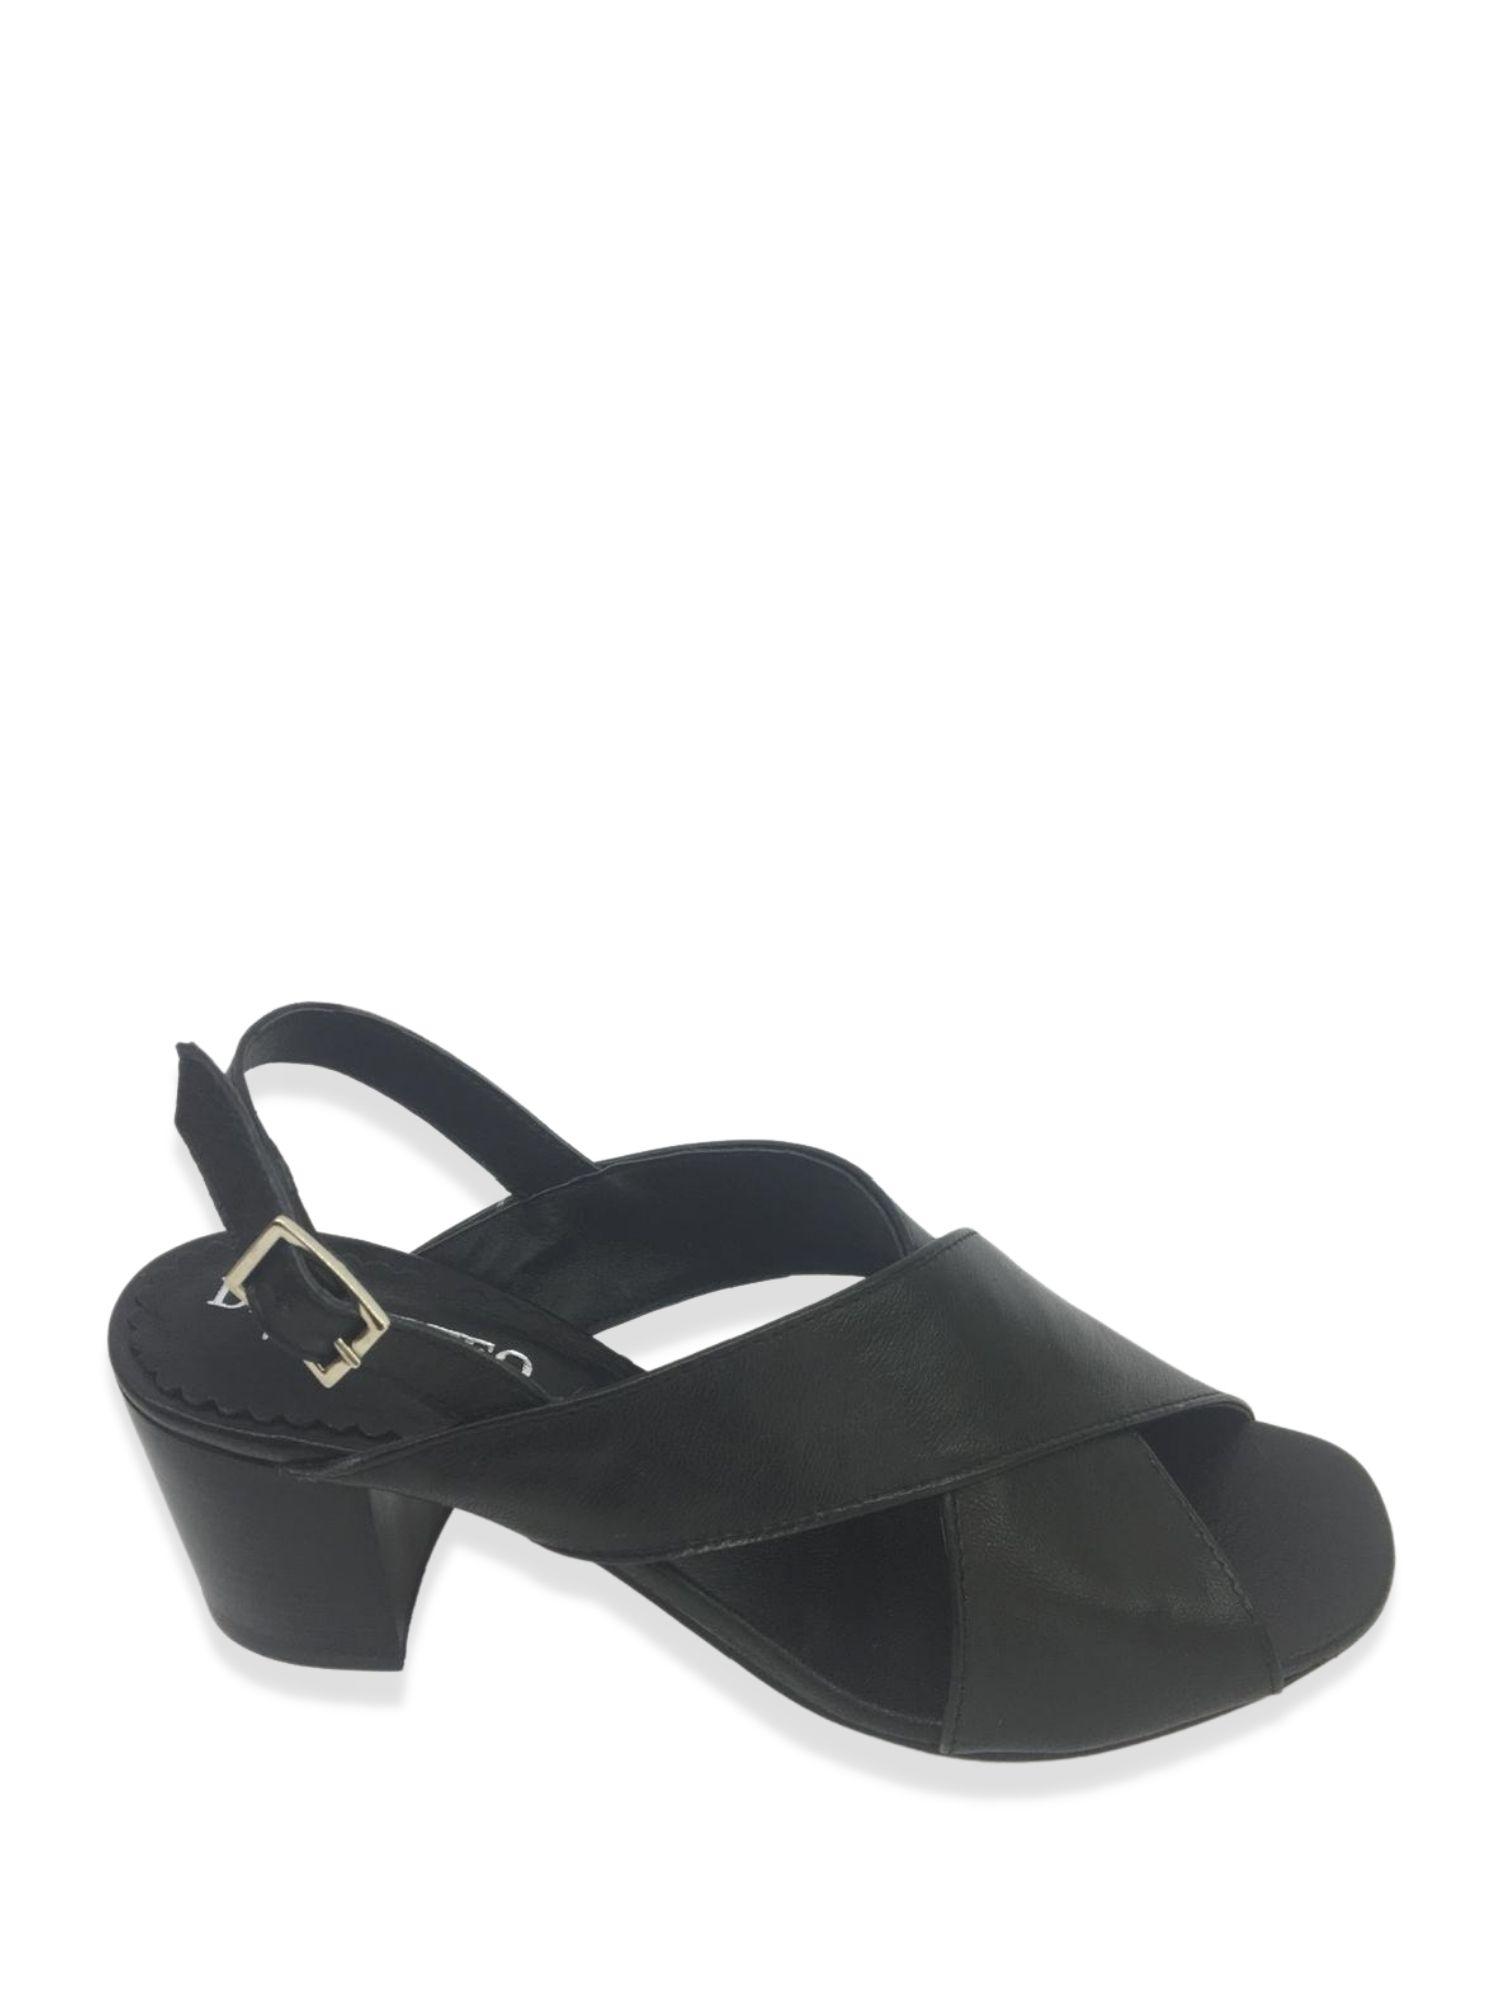 Sandalo Made in Italy 505 Nero